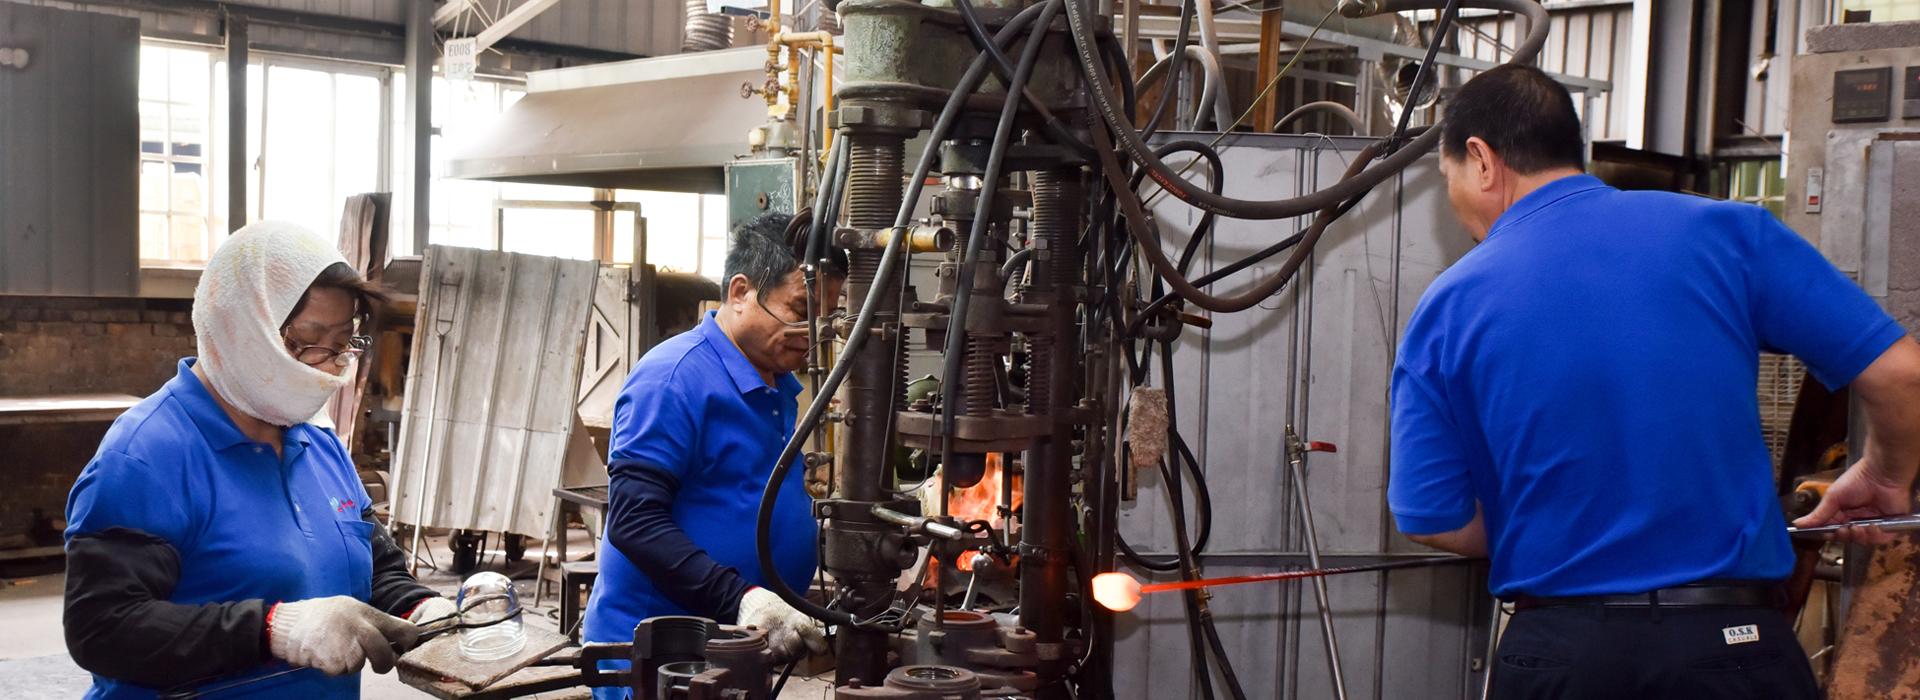 春池玻璃實業有限公司:節能不是一味節省成本,是為了追求永續經營